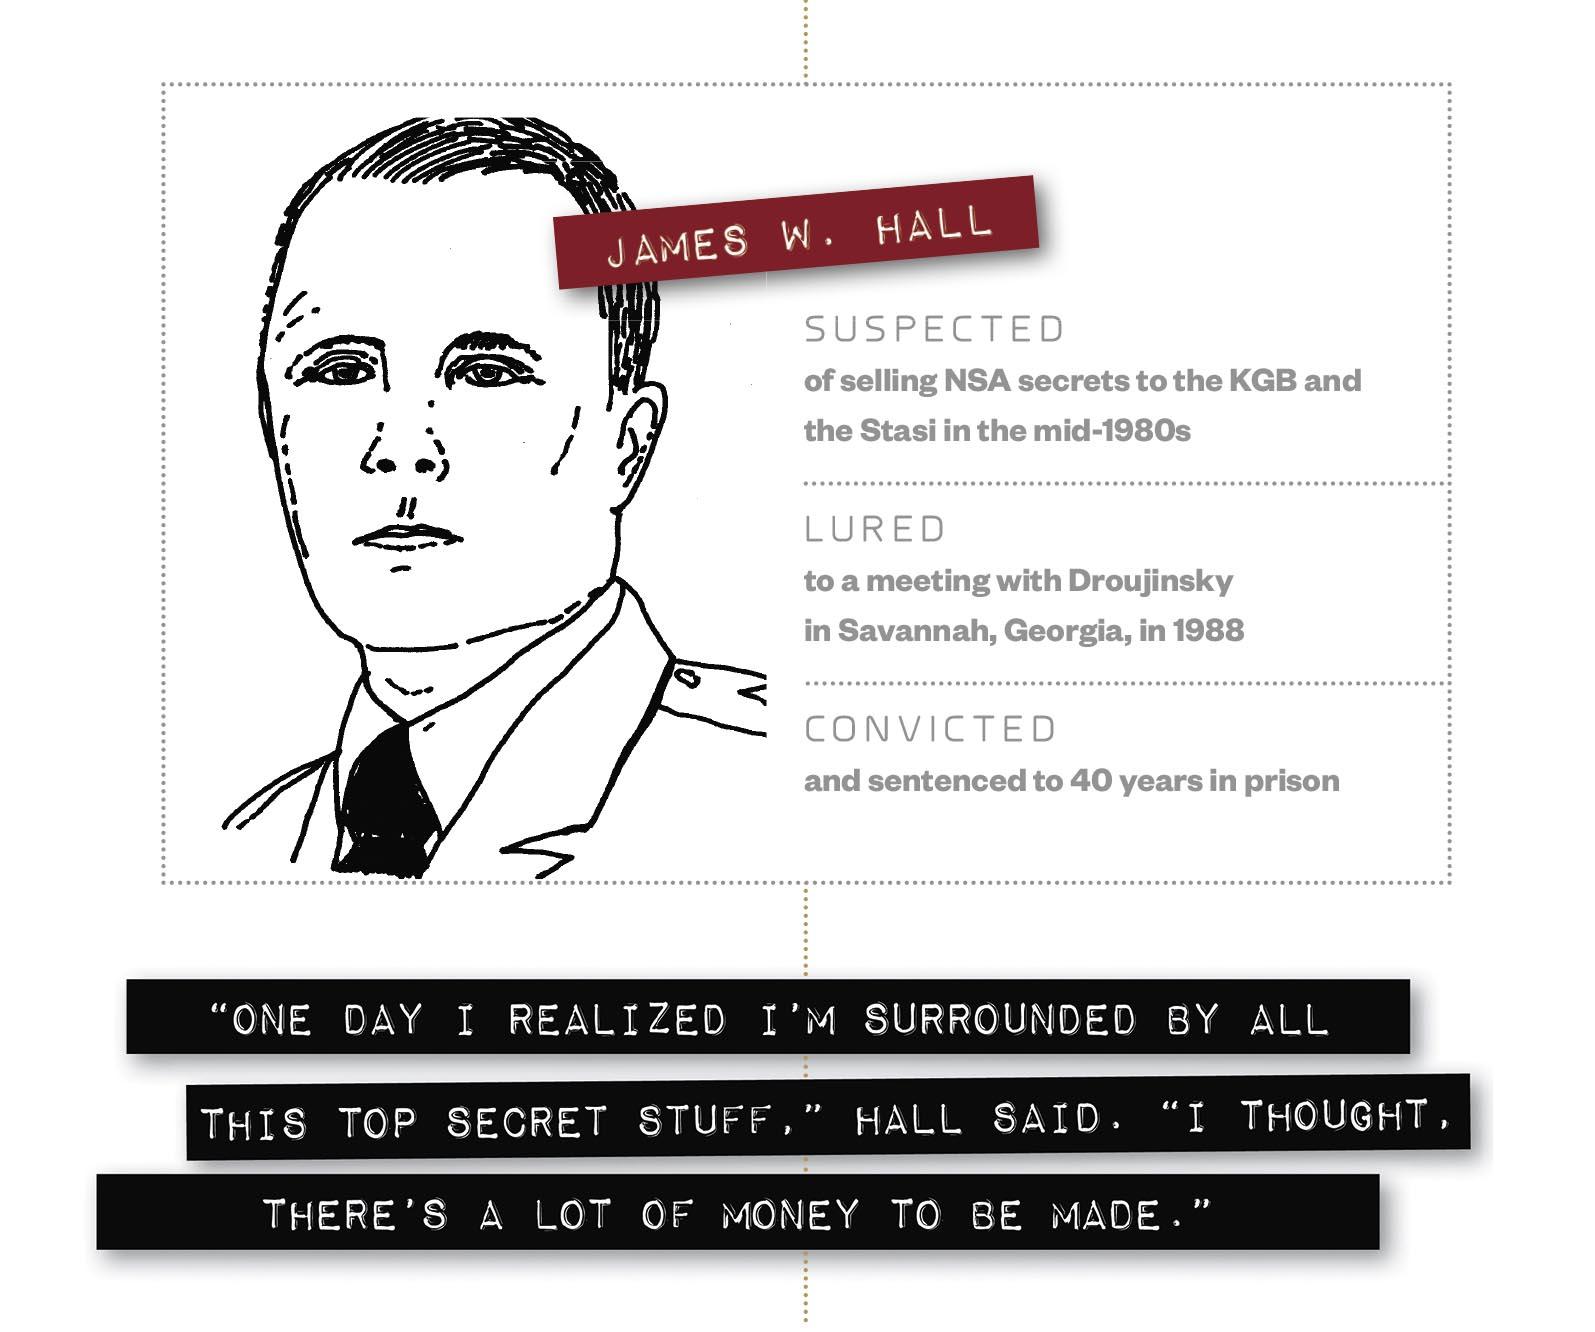 James W. Hall